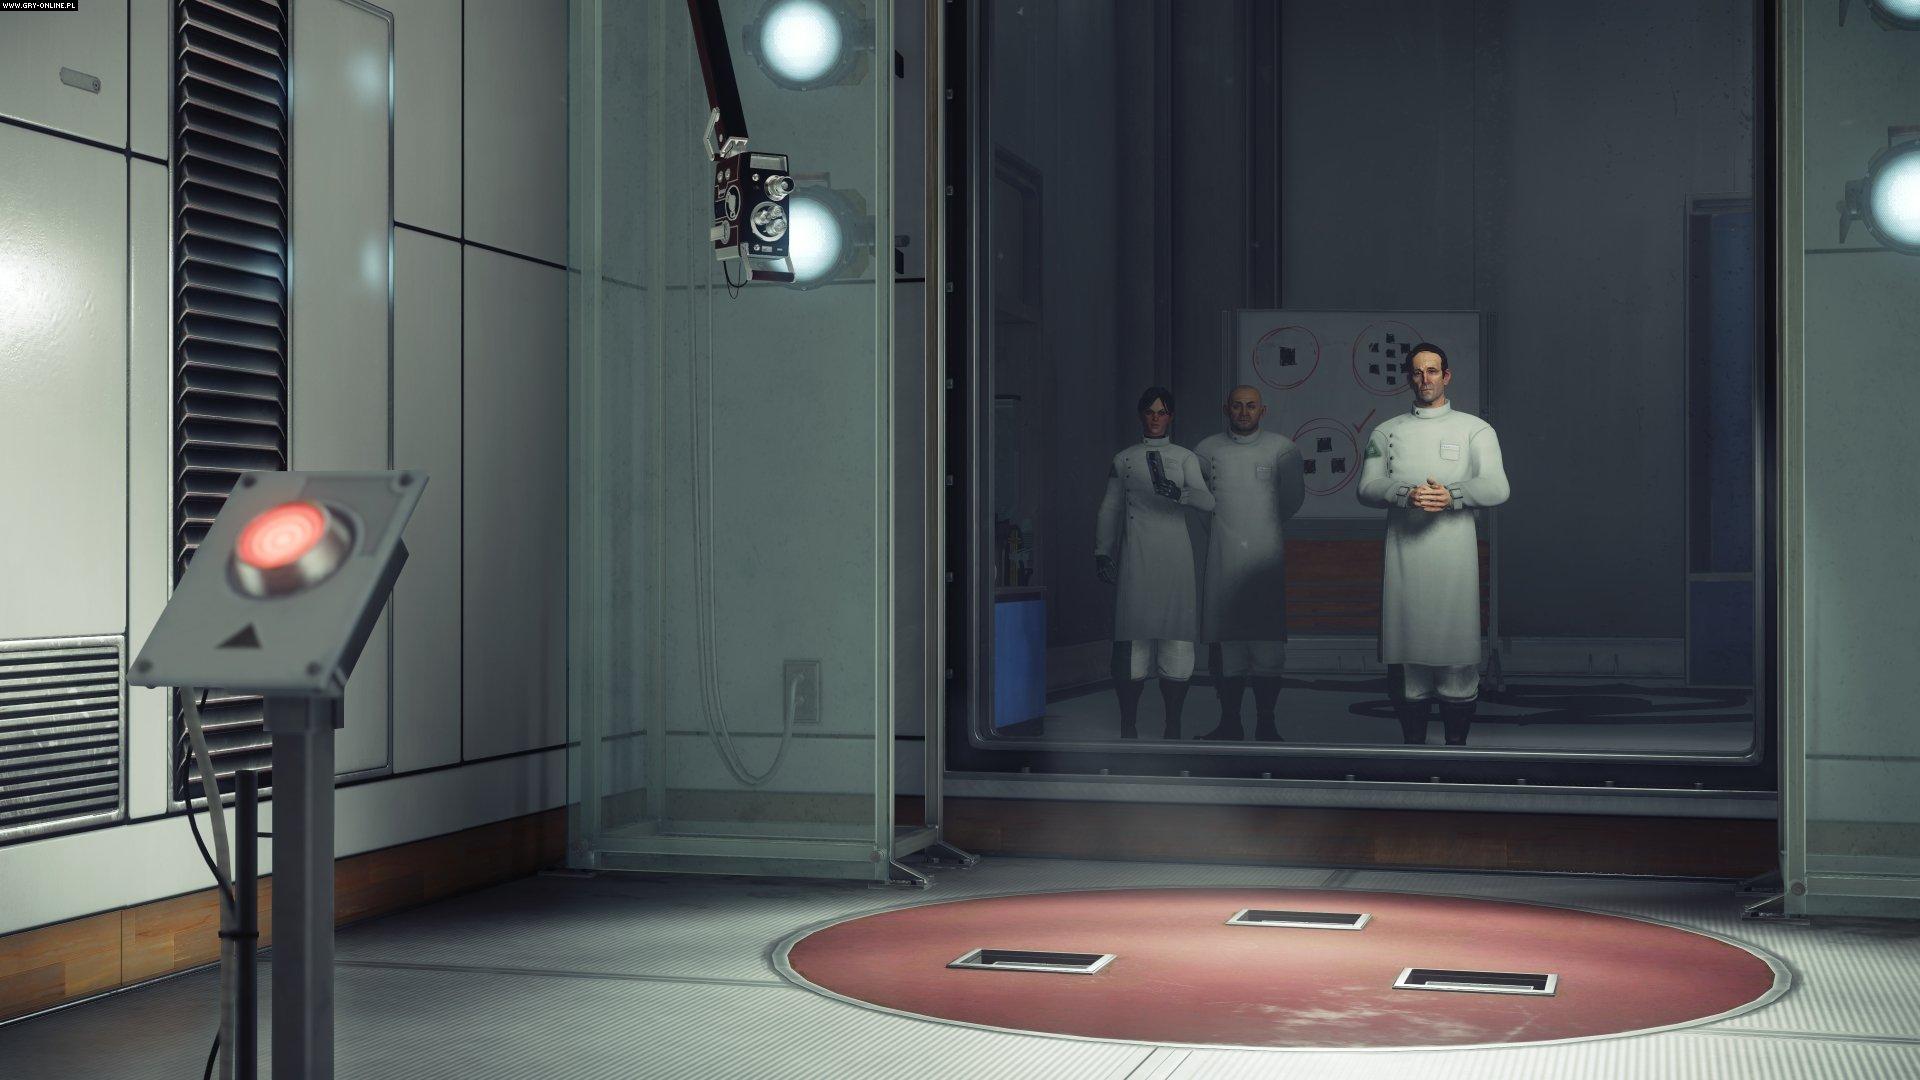 Pierwsze zadanie gry, wciśnij duży, czerwony przycisk! Wcale nie podejrzane!